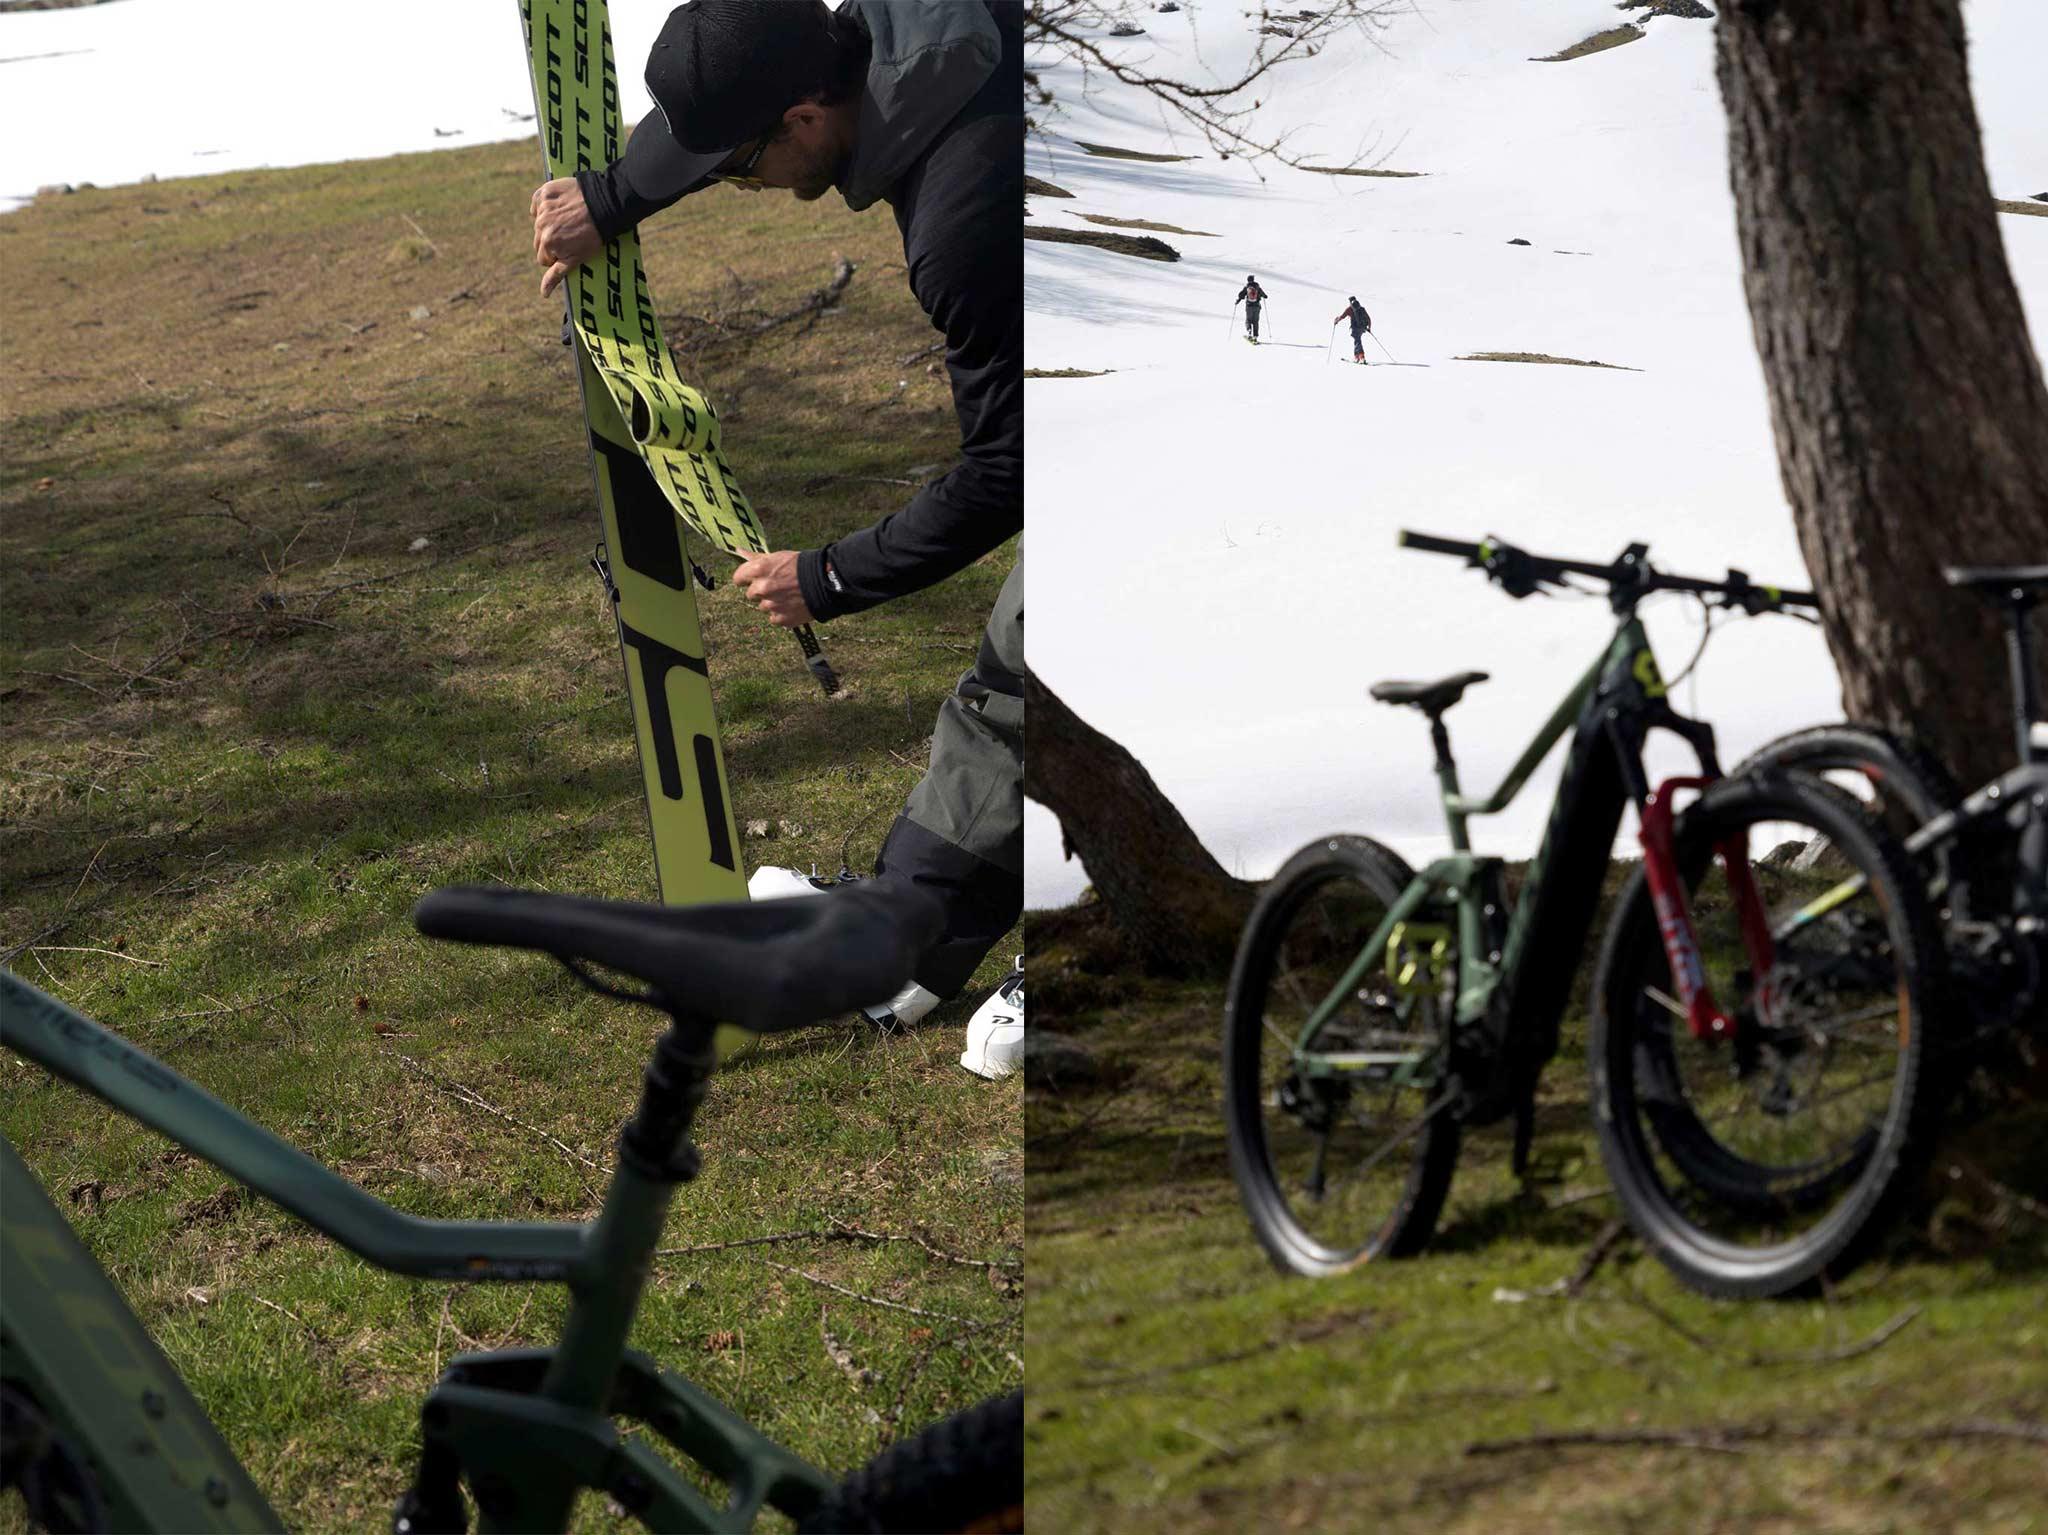 Irgendwann geht es auch mit dem E-Bike nicht weiter. Dann heißt es: Felle aufziehen und ab ins weiße Frühlings-Glück. - Foto: Roman Lachner